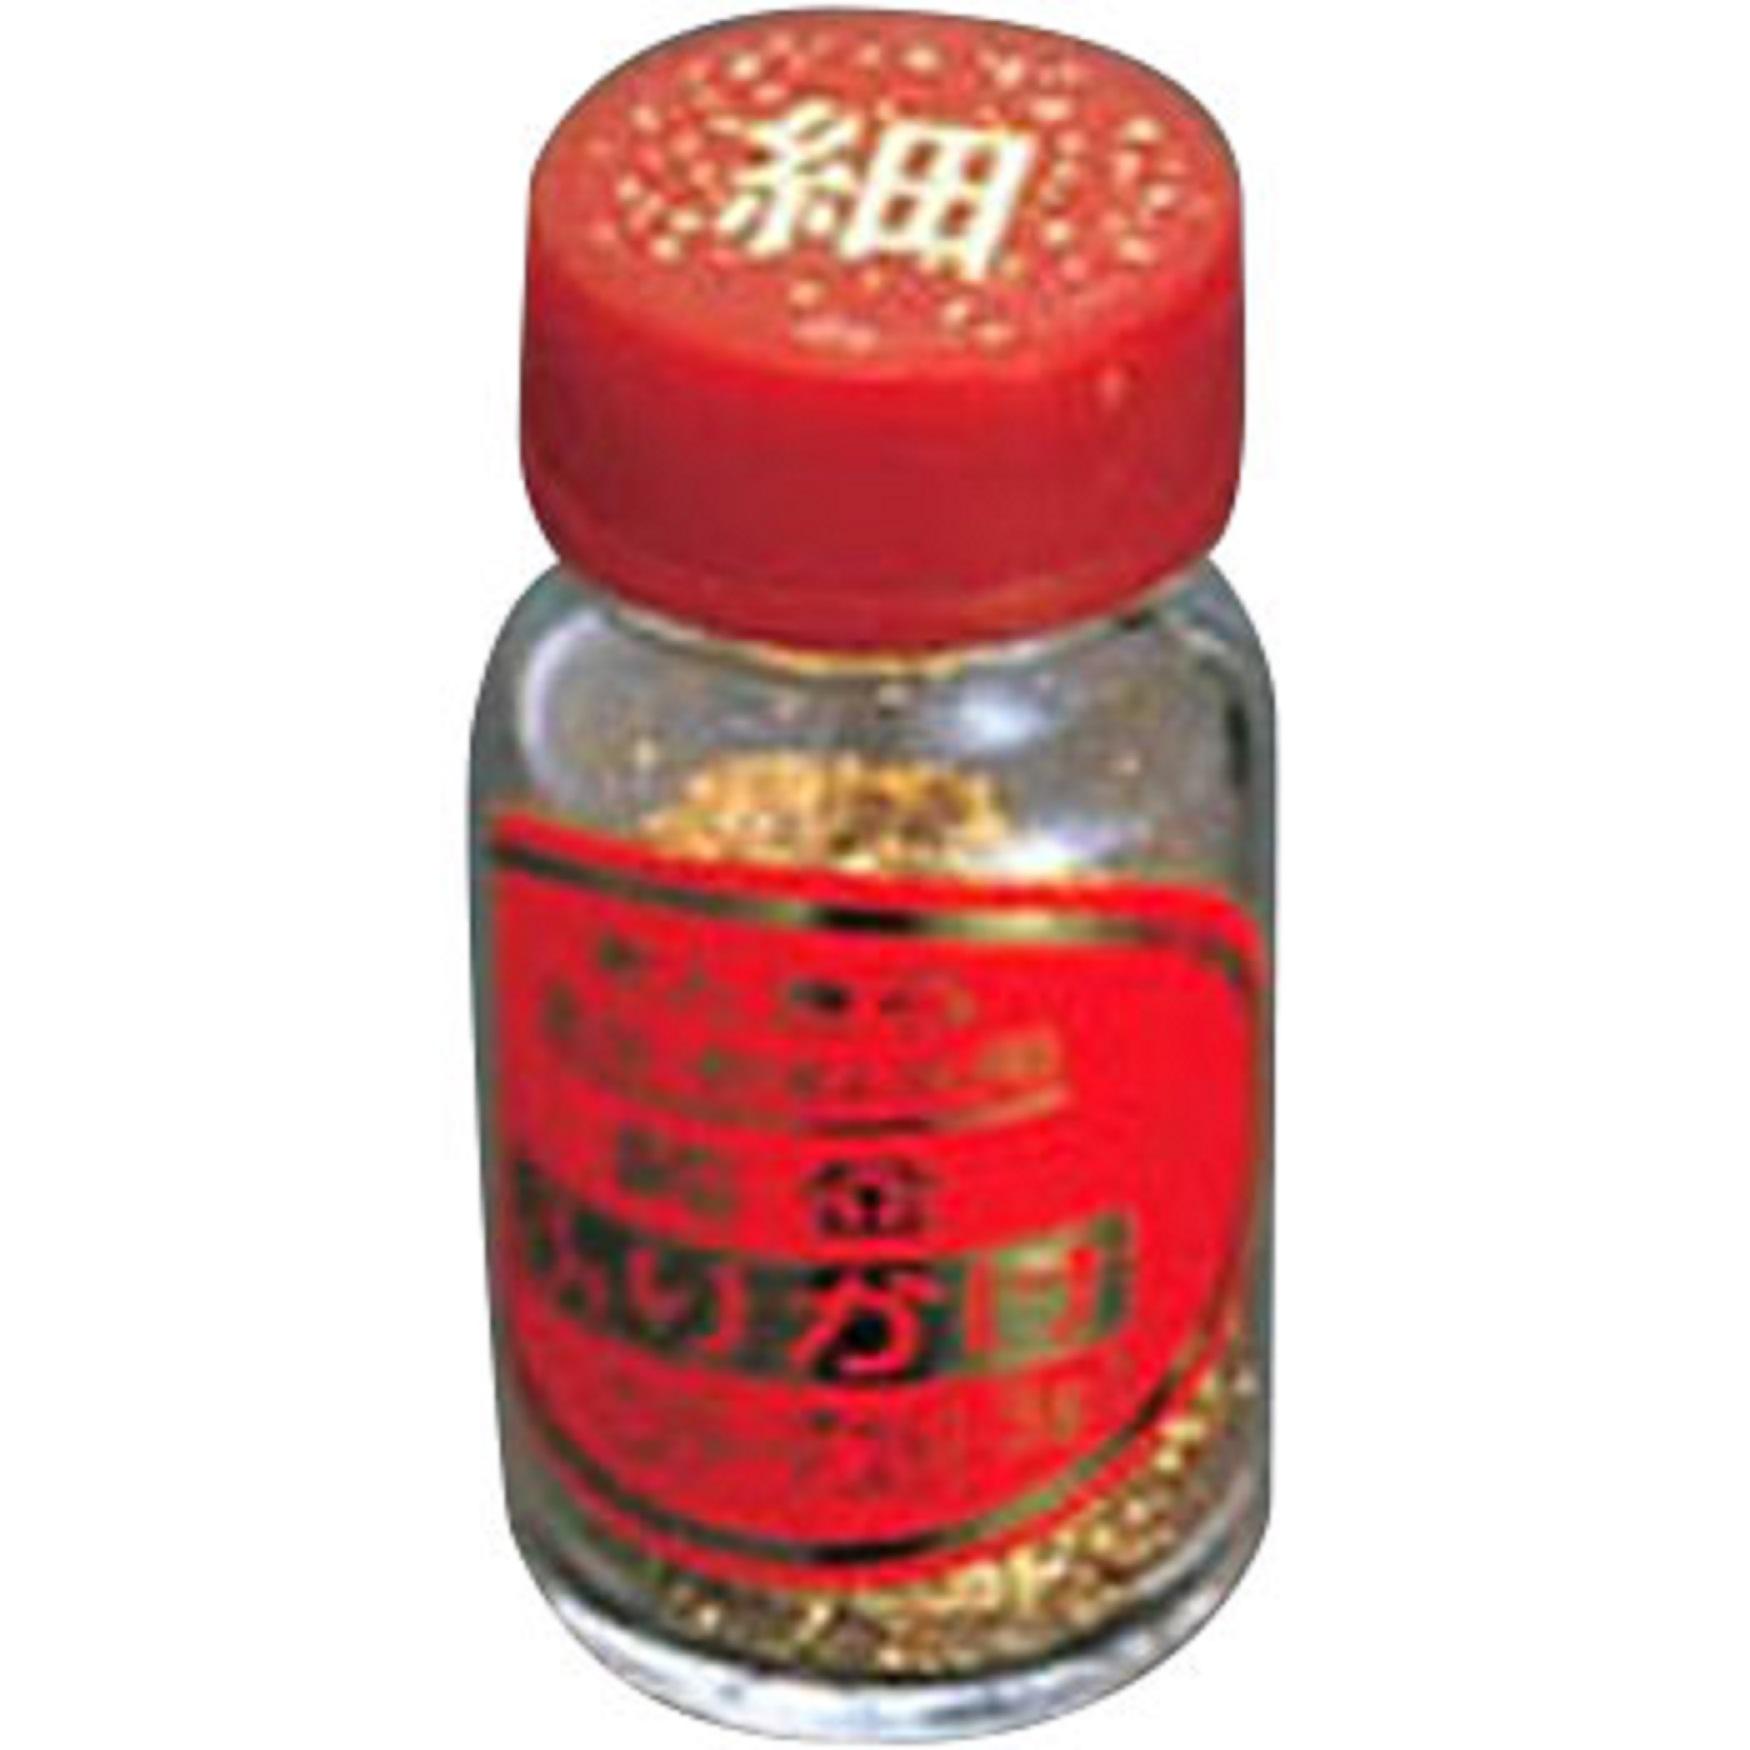 きんきらふりかけ(純金箔)スターダスト細目 大瓶(3g)【業務用食器】